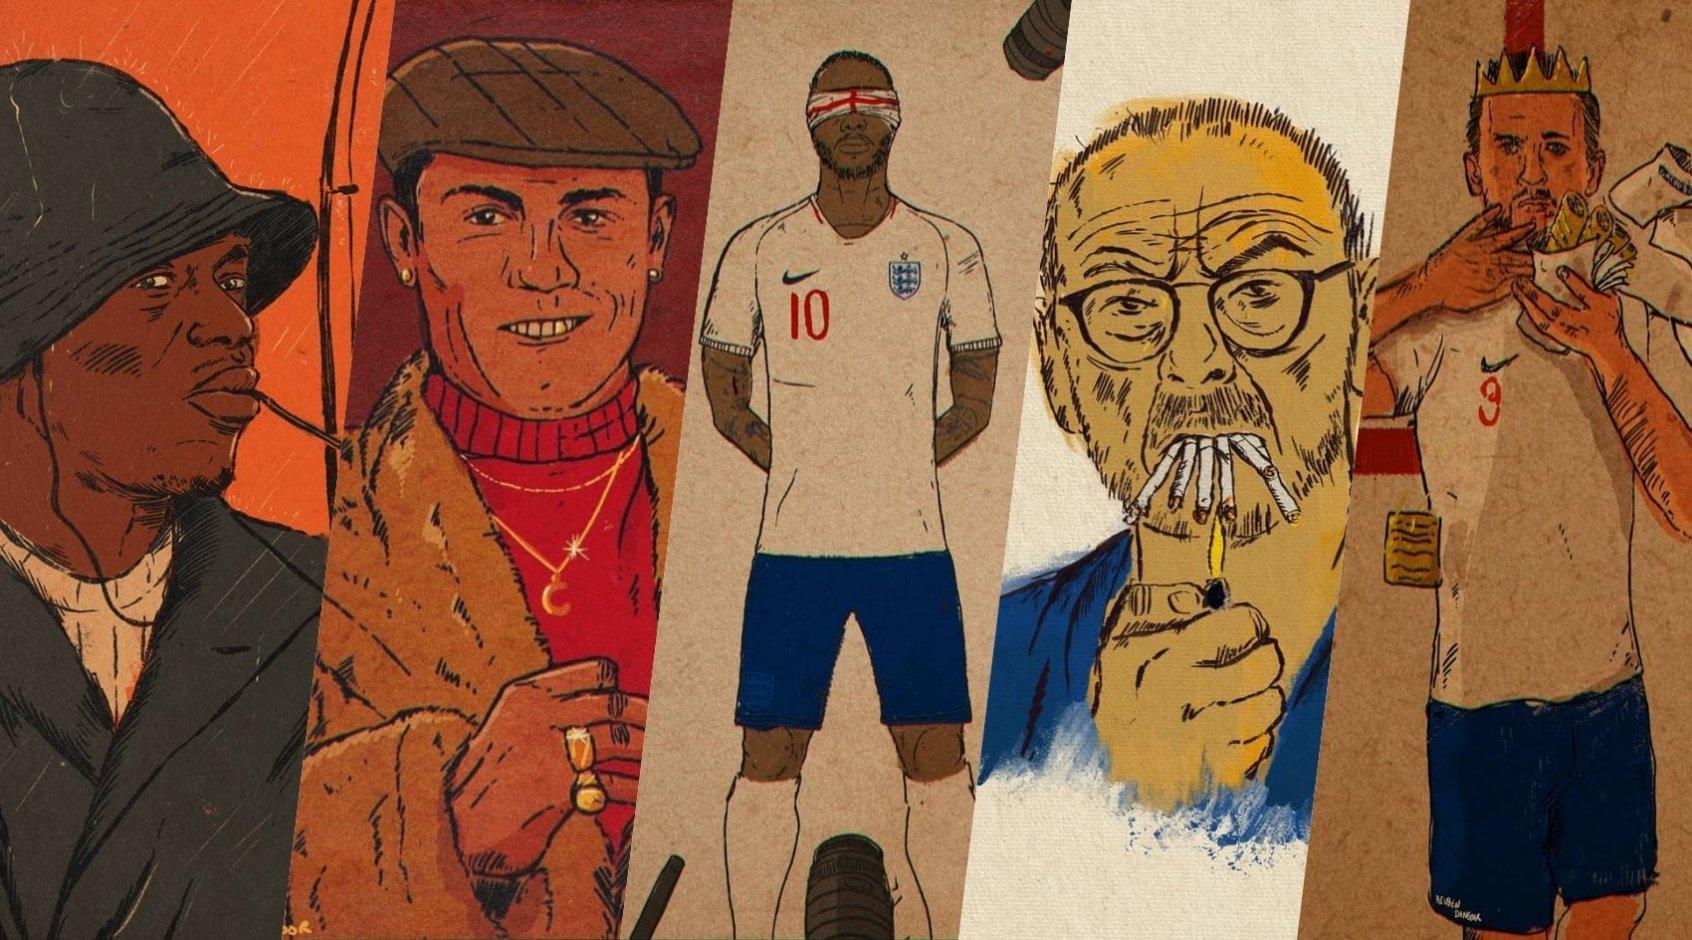 Футбольные художники: Рубен Дангоор. Художник стиля 70-х, поклонником которого является Гарет Саутгейт